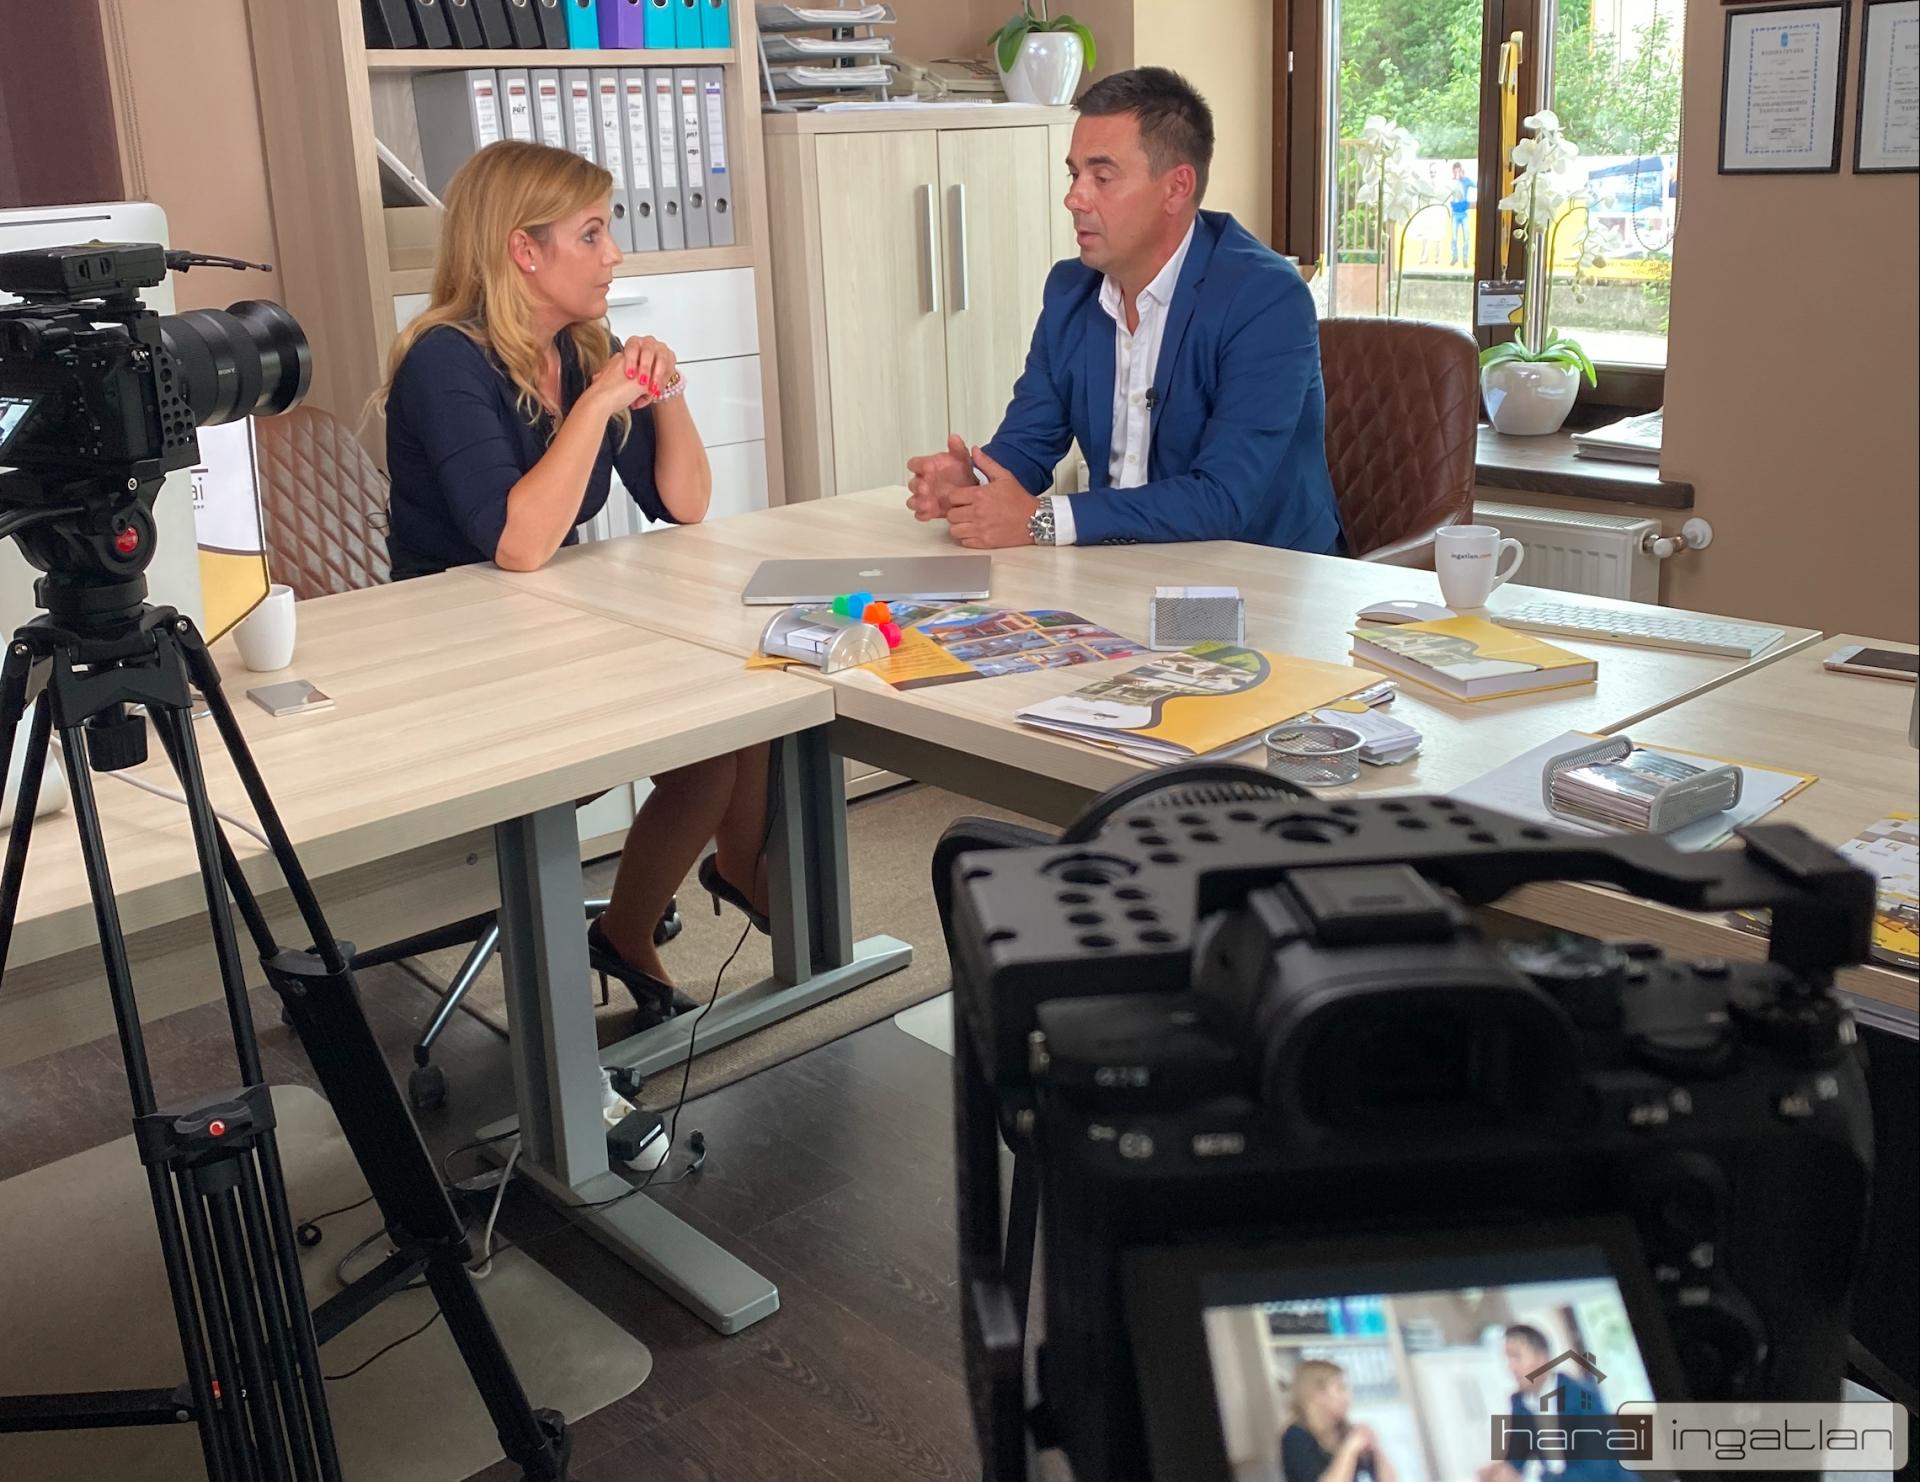 Az agglomeráció ingatlanairól kérdezett a TV2 riportere